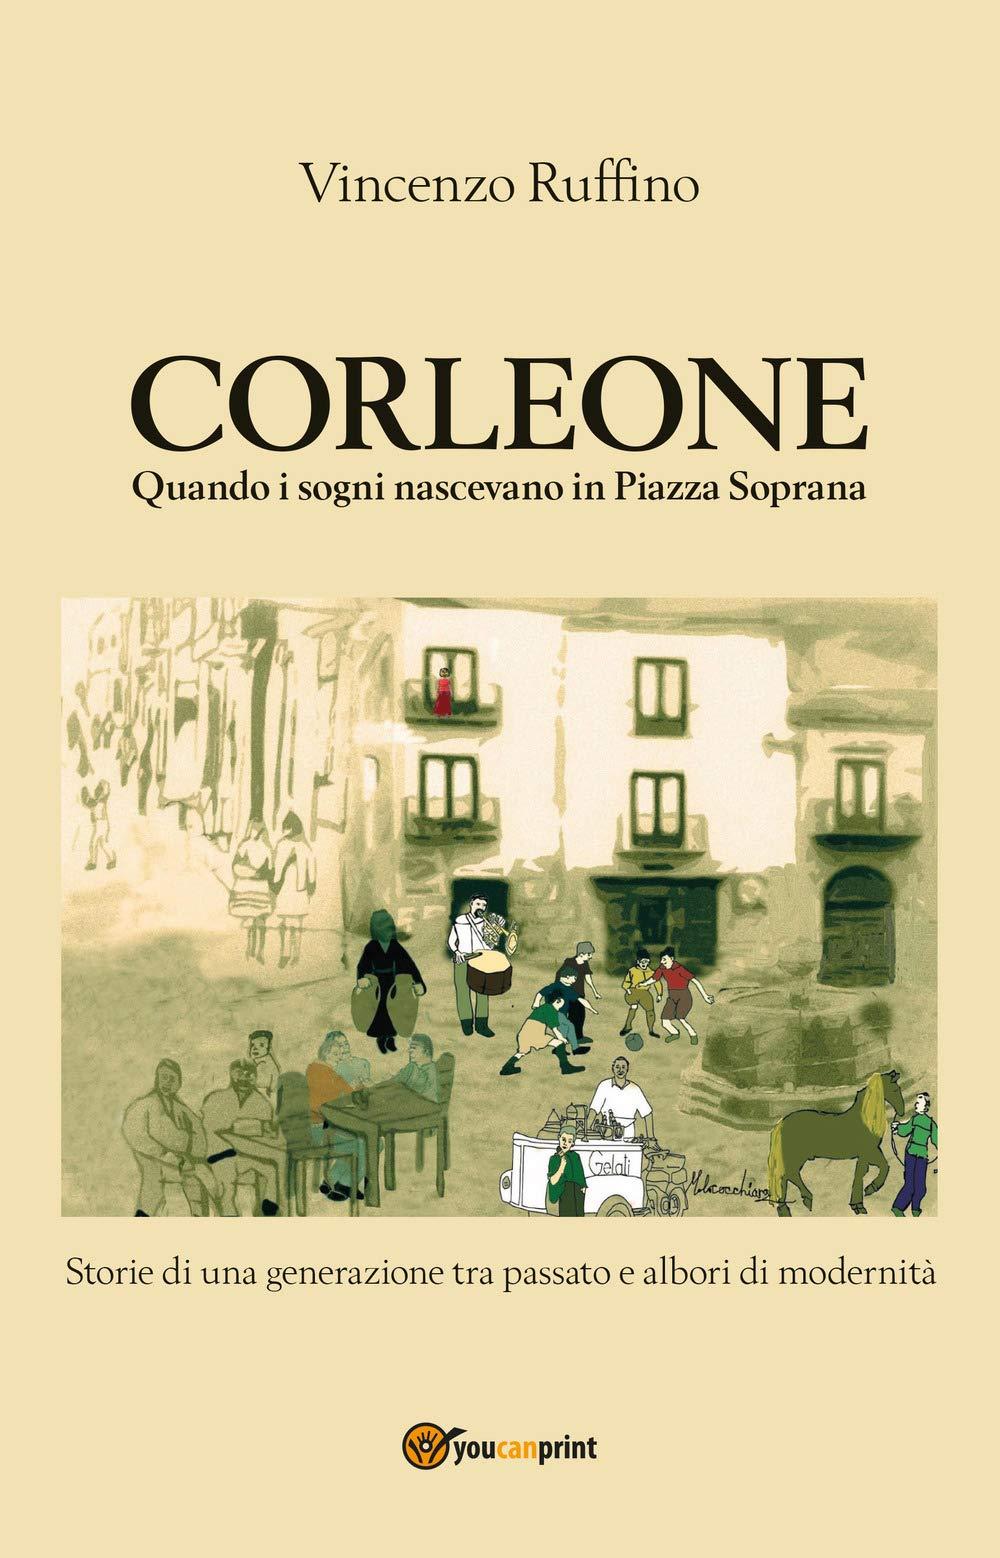 Corleone Quando i sogni nascevano in Piazza Sovrana